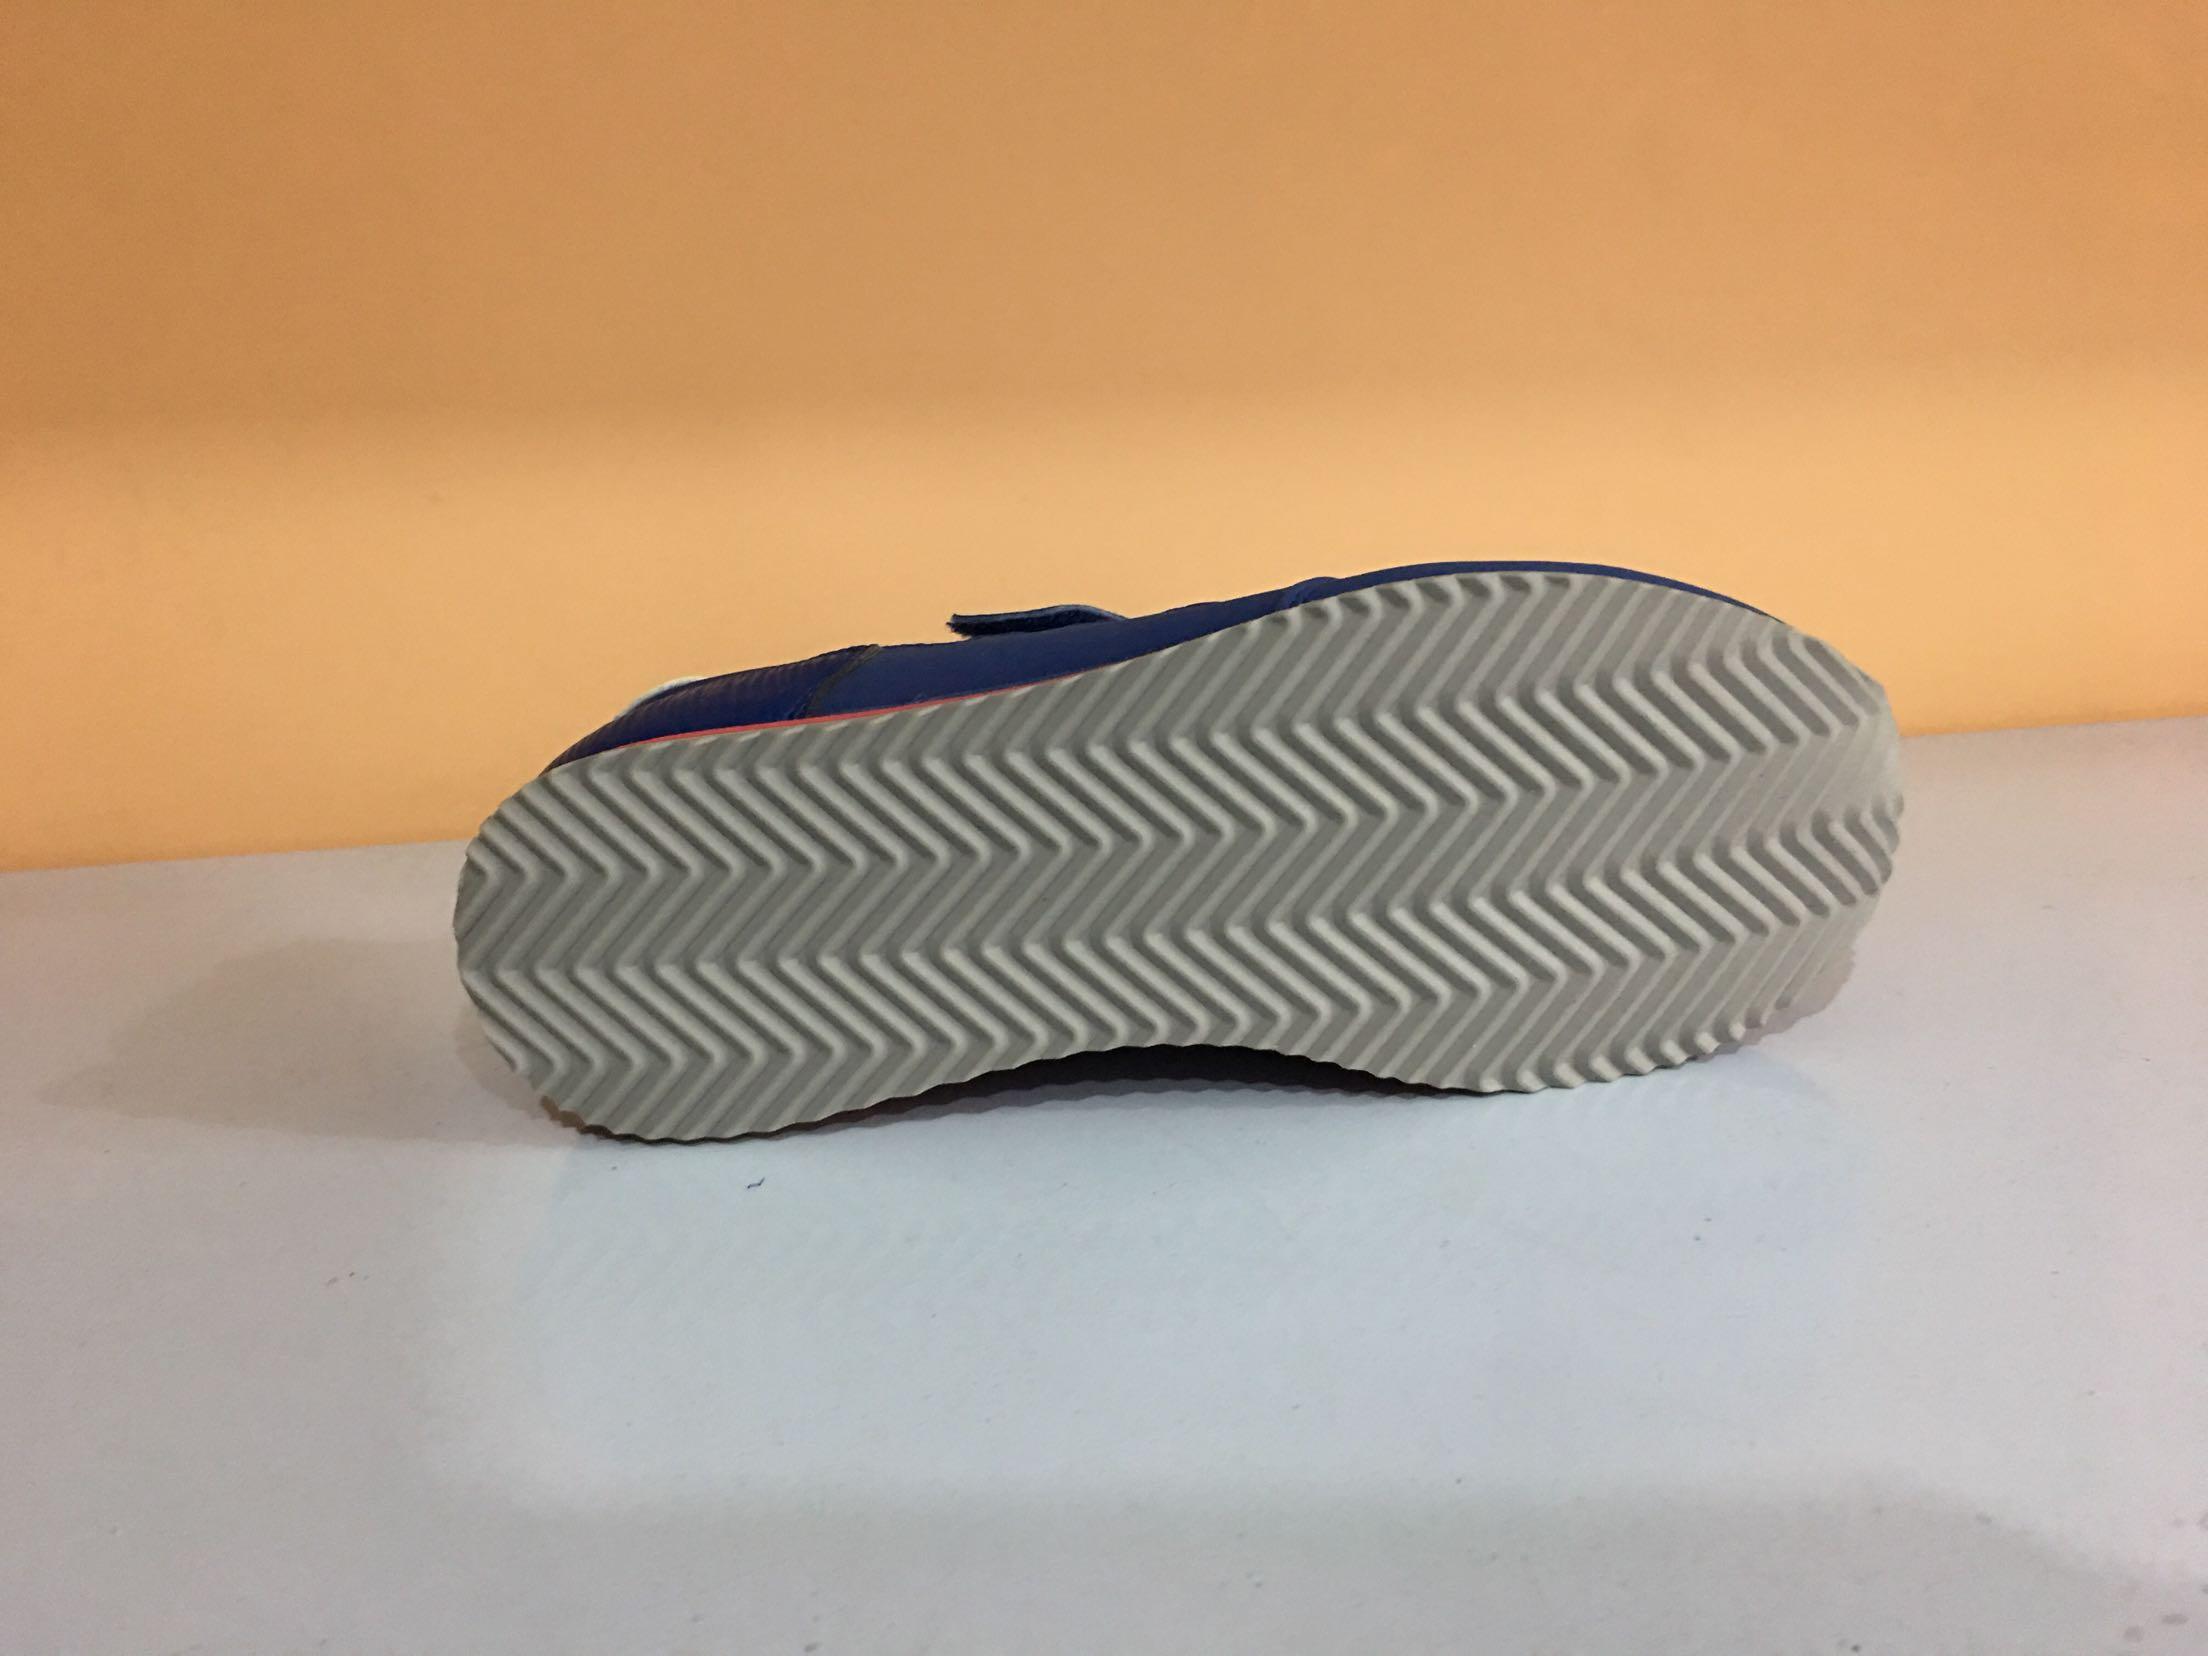 35.5 童鞋 小孩鞋 威时尚百搭耐磨休闲鞋 s 正品海外版盖 轻量设计